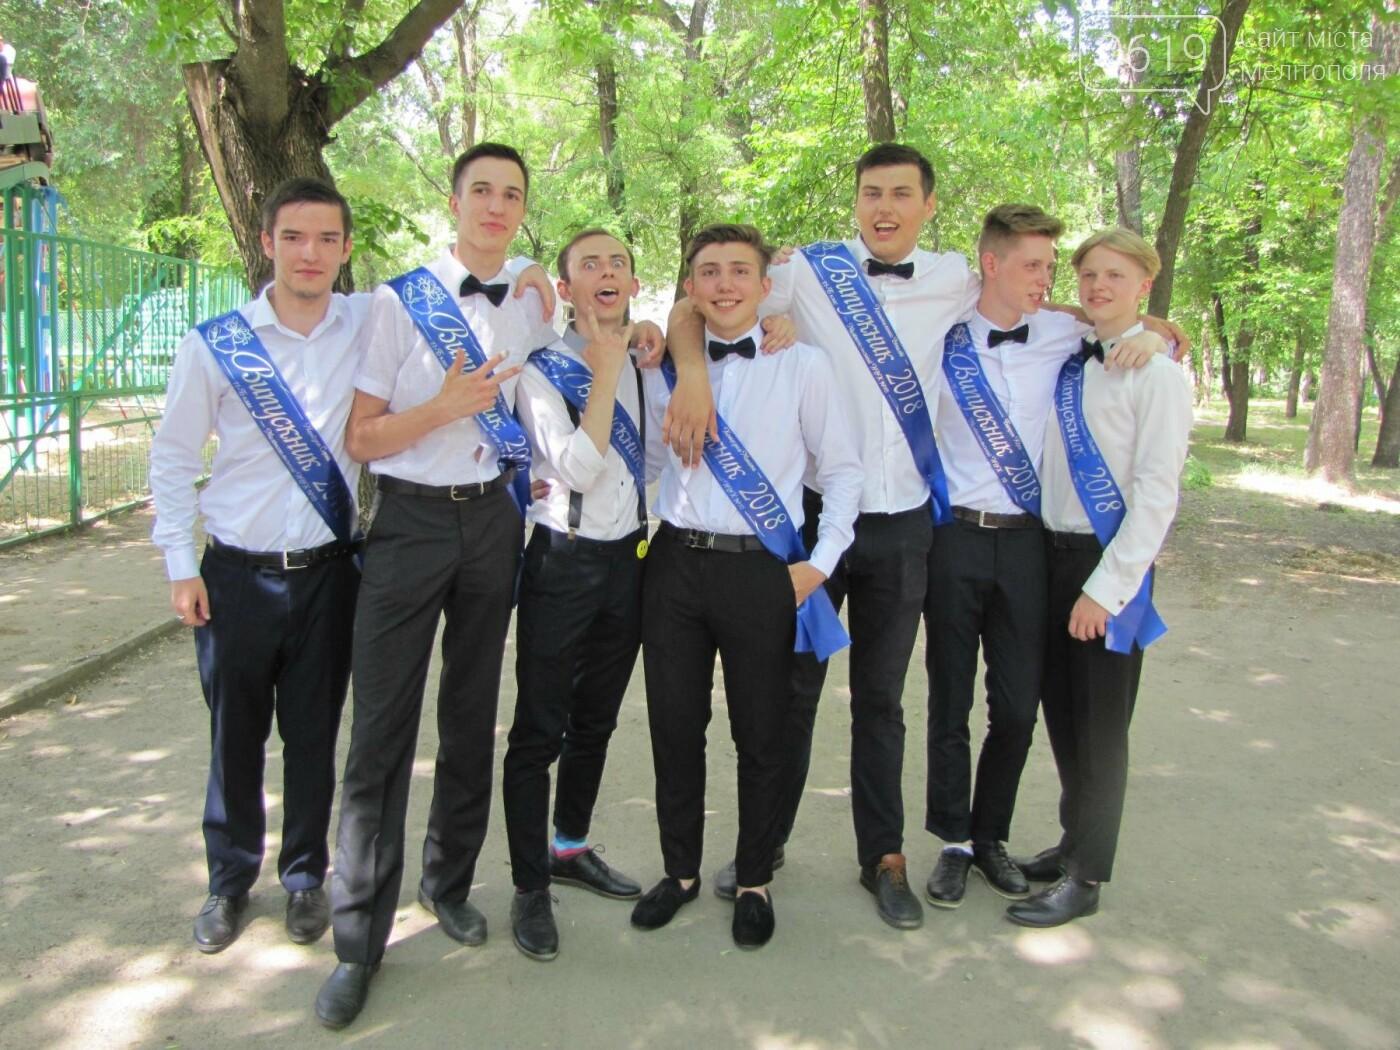 Мелитопольские выпускники не придерживаются единого стиля в нарядах, фото-8